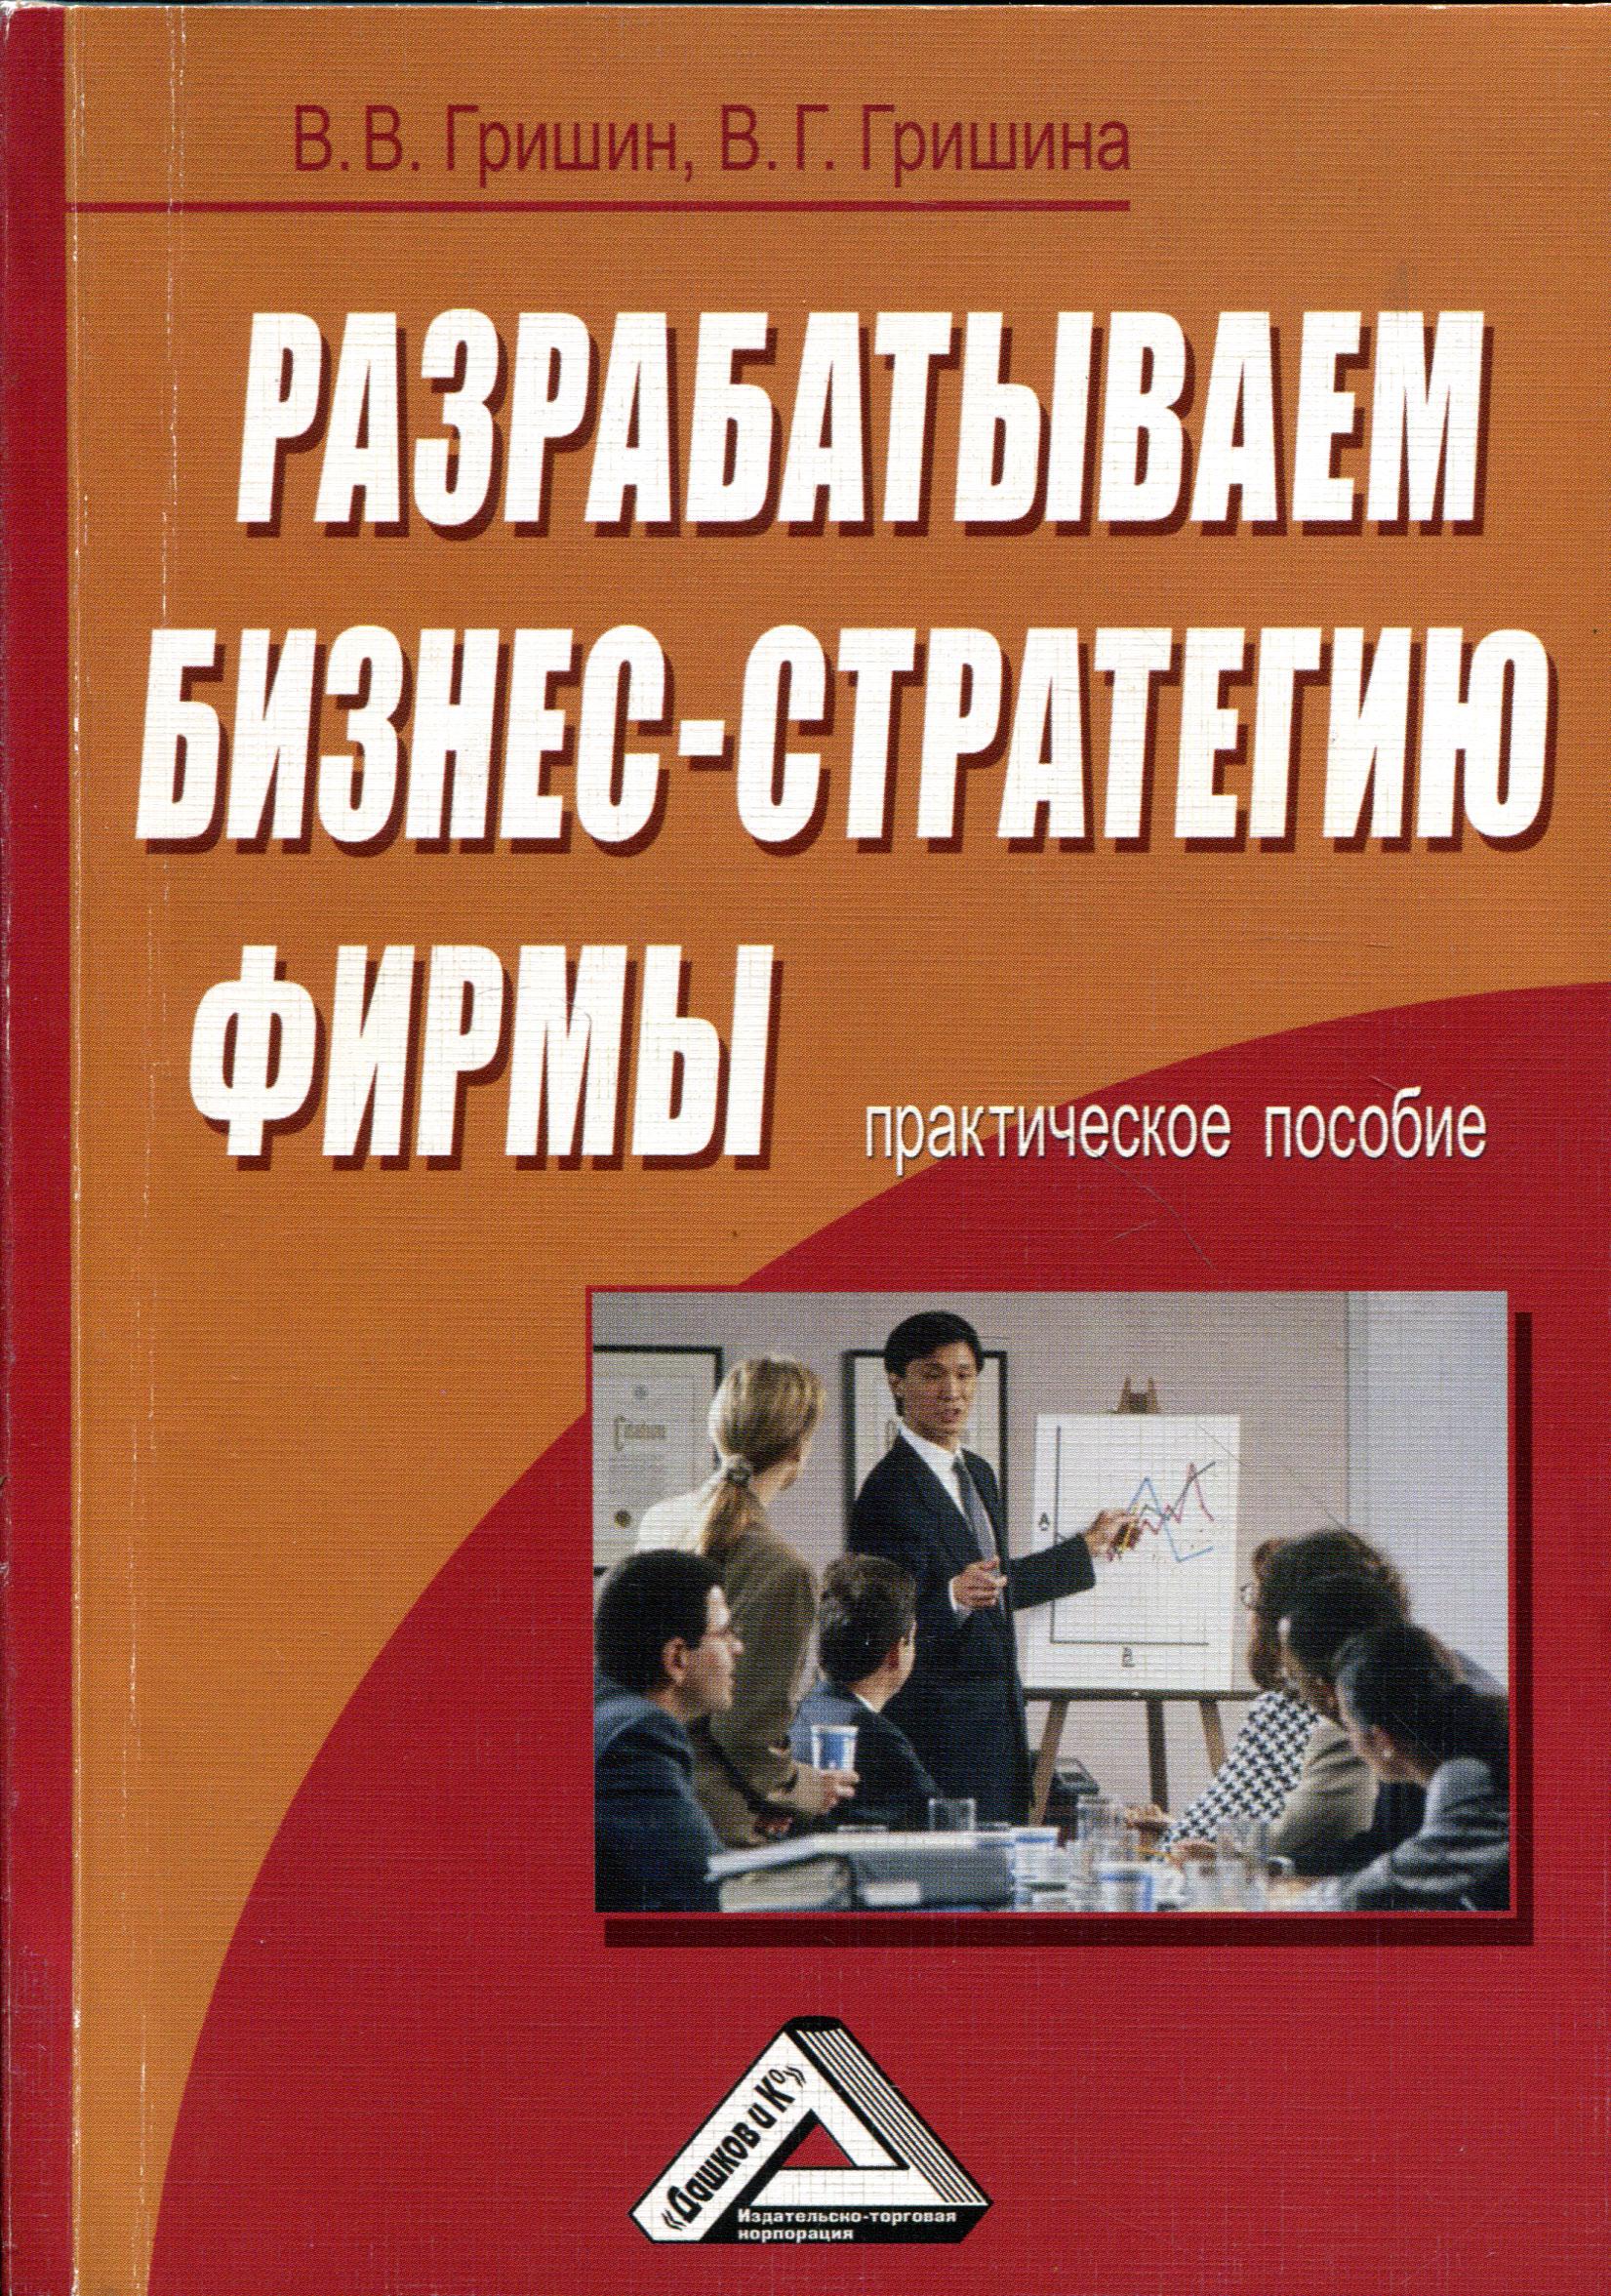 Разрабатываем бизнес-стратегию фирмы. Практическое пособие